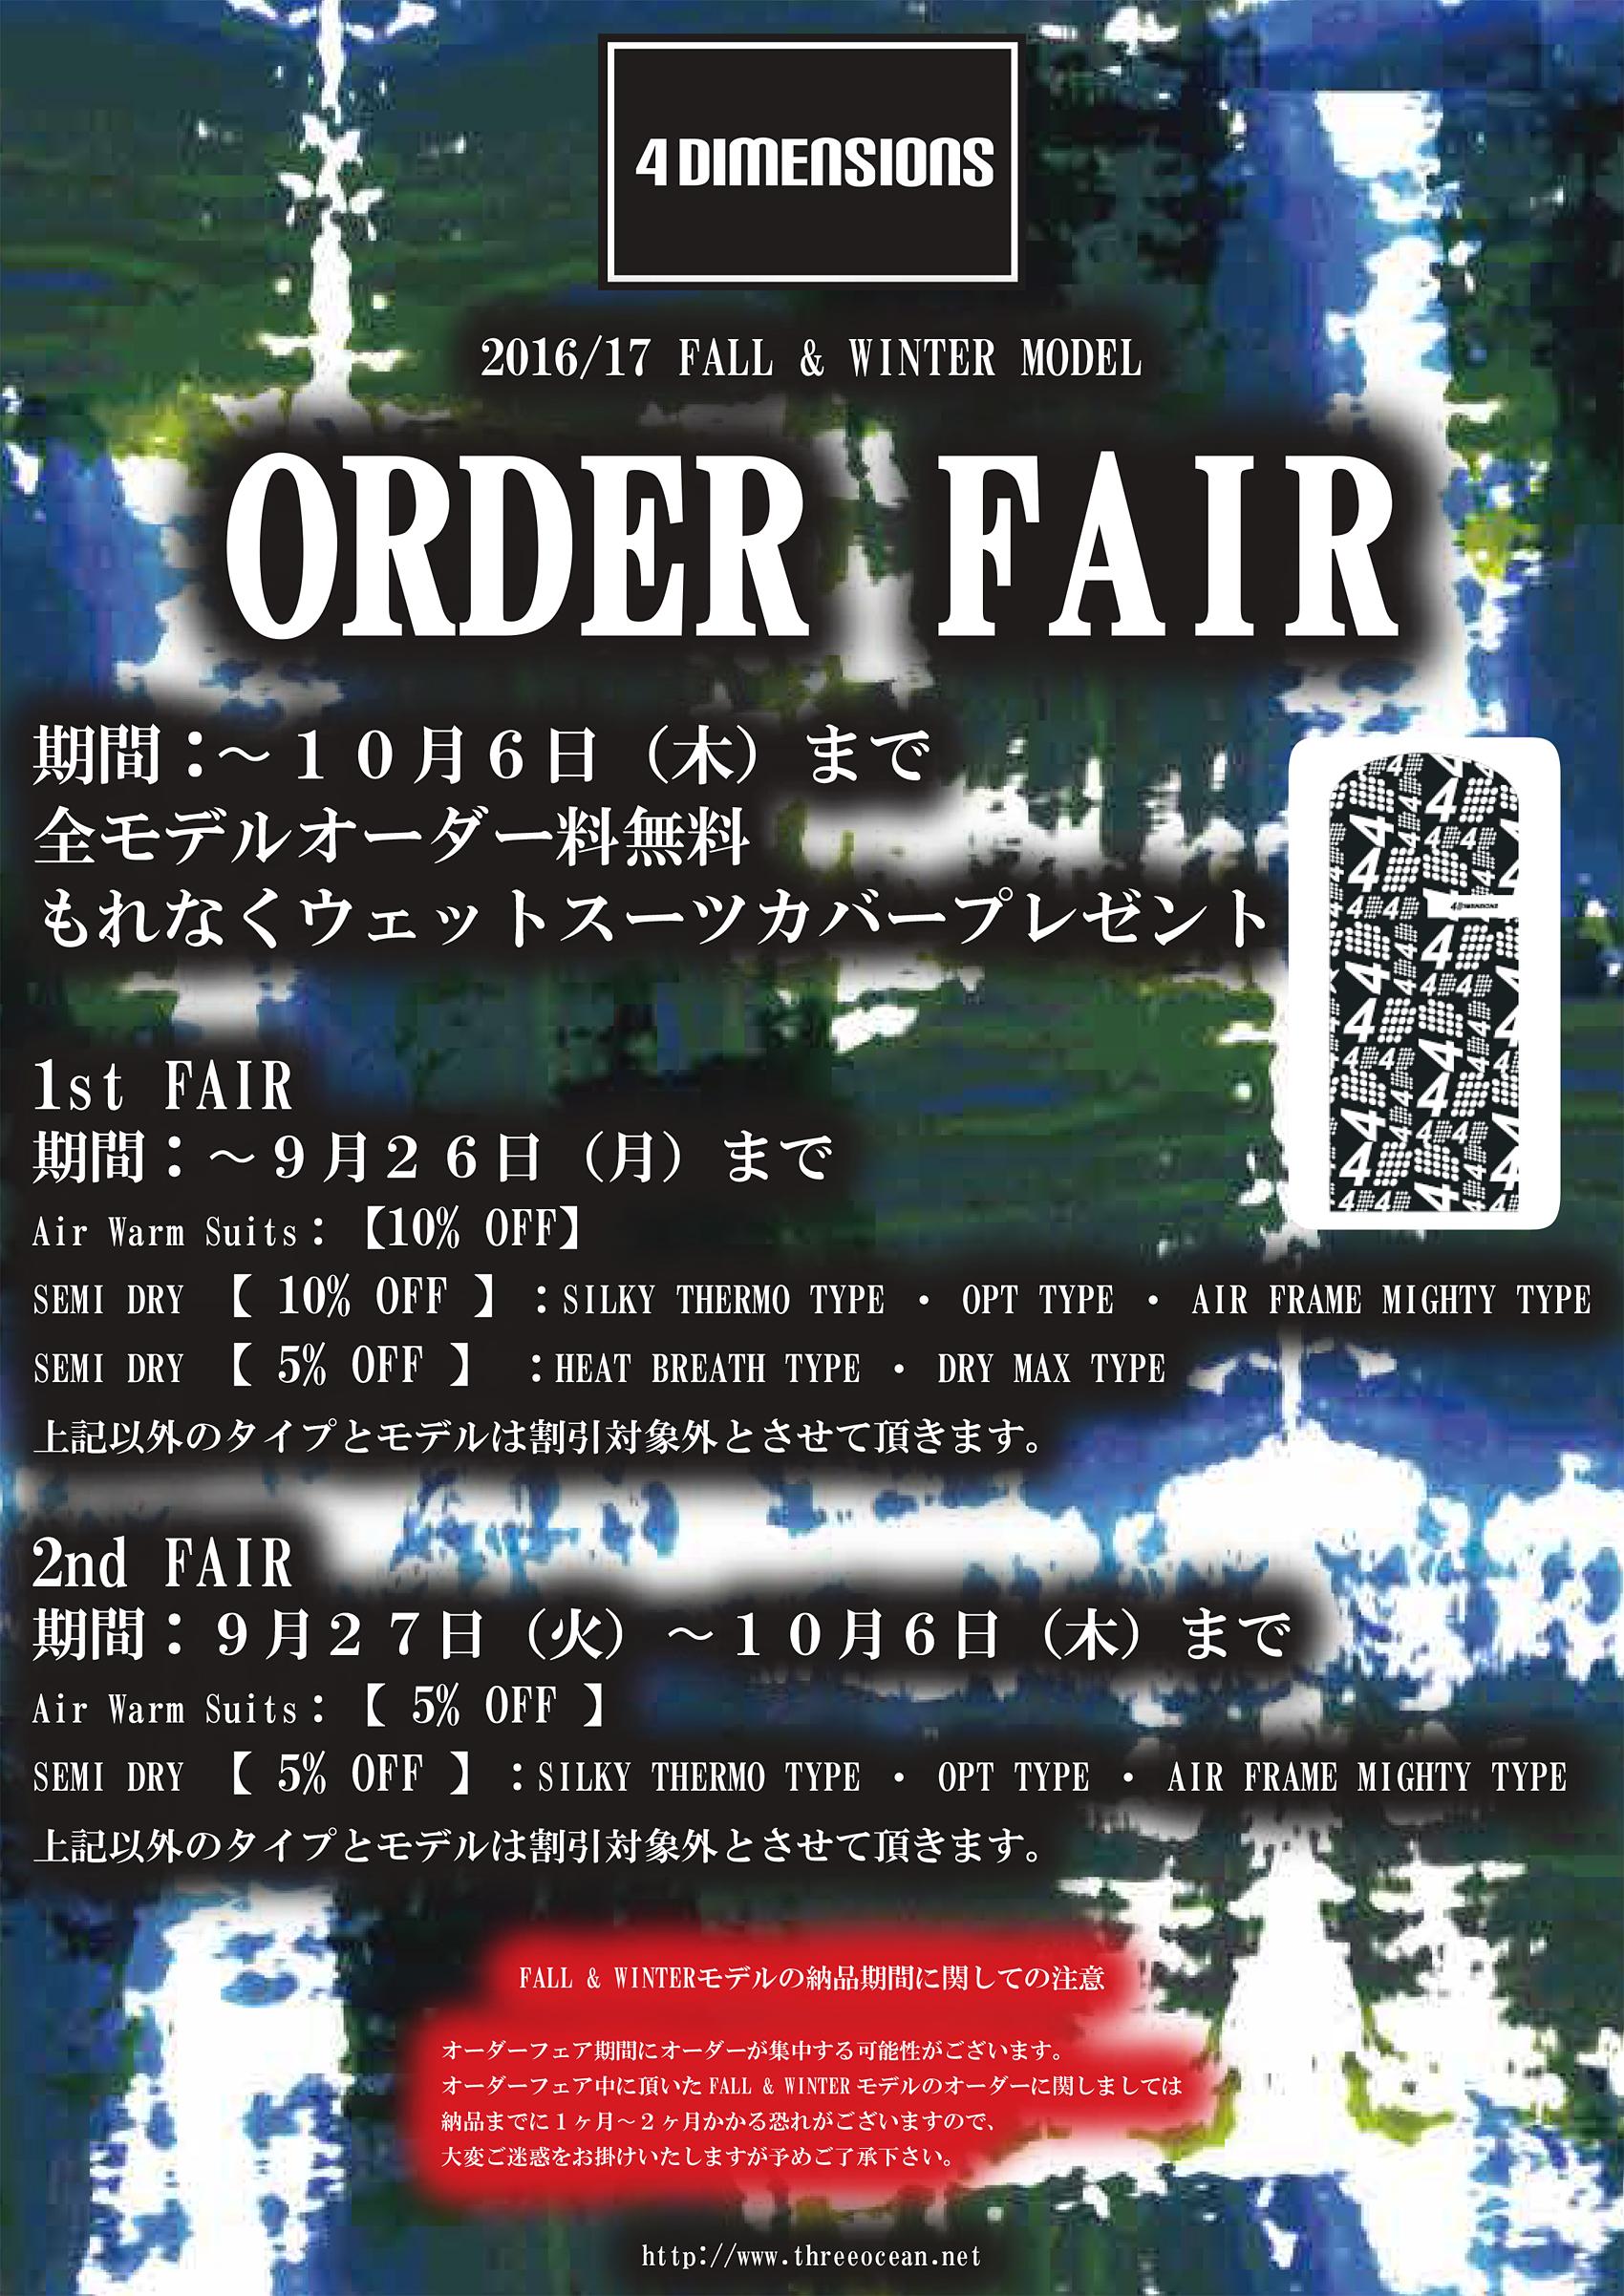 16-17fw-4d-od-fair2